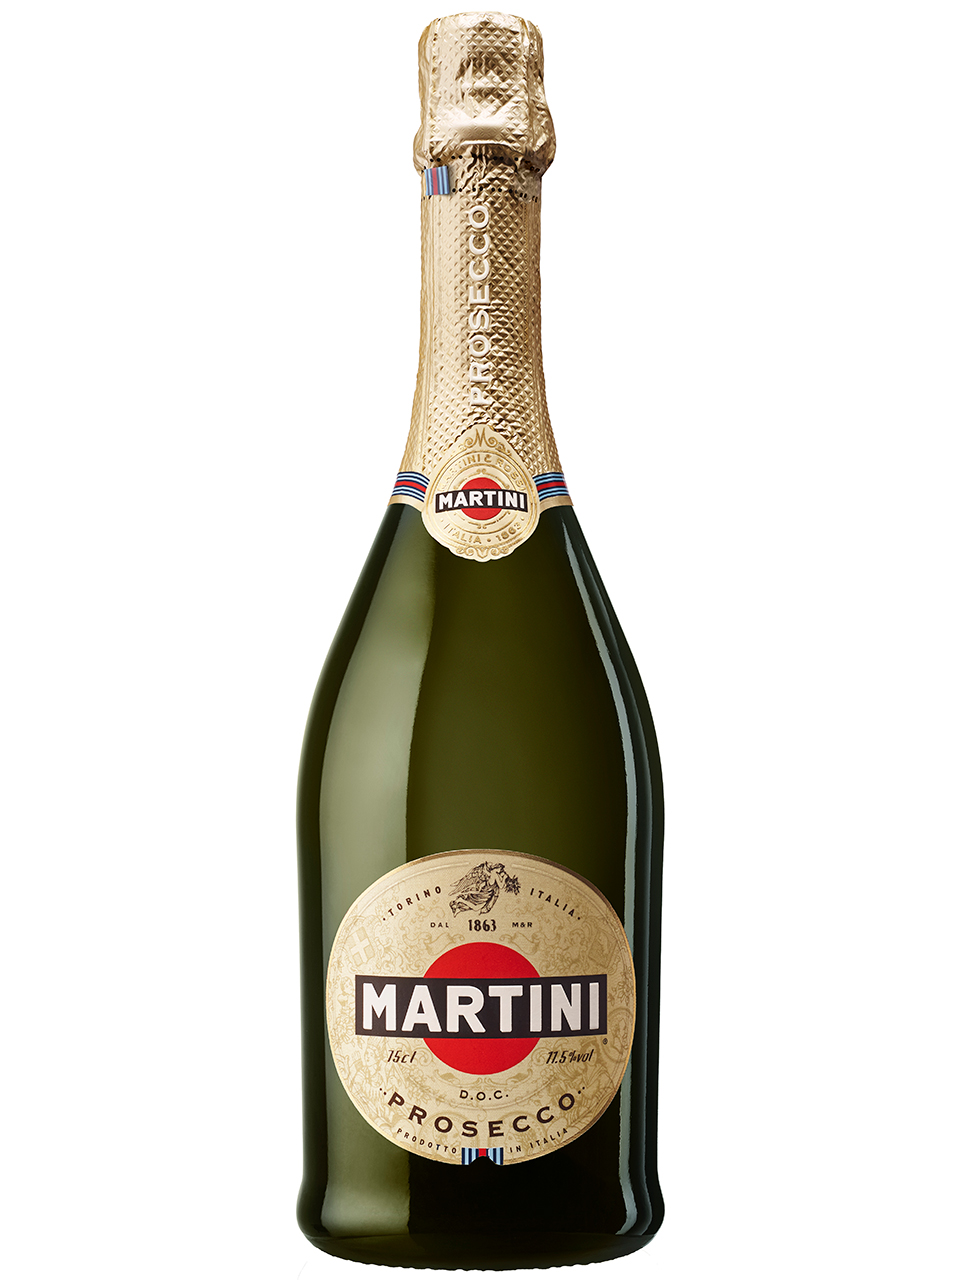 Martini Prosecco